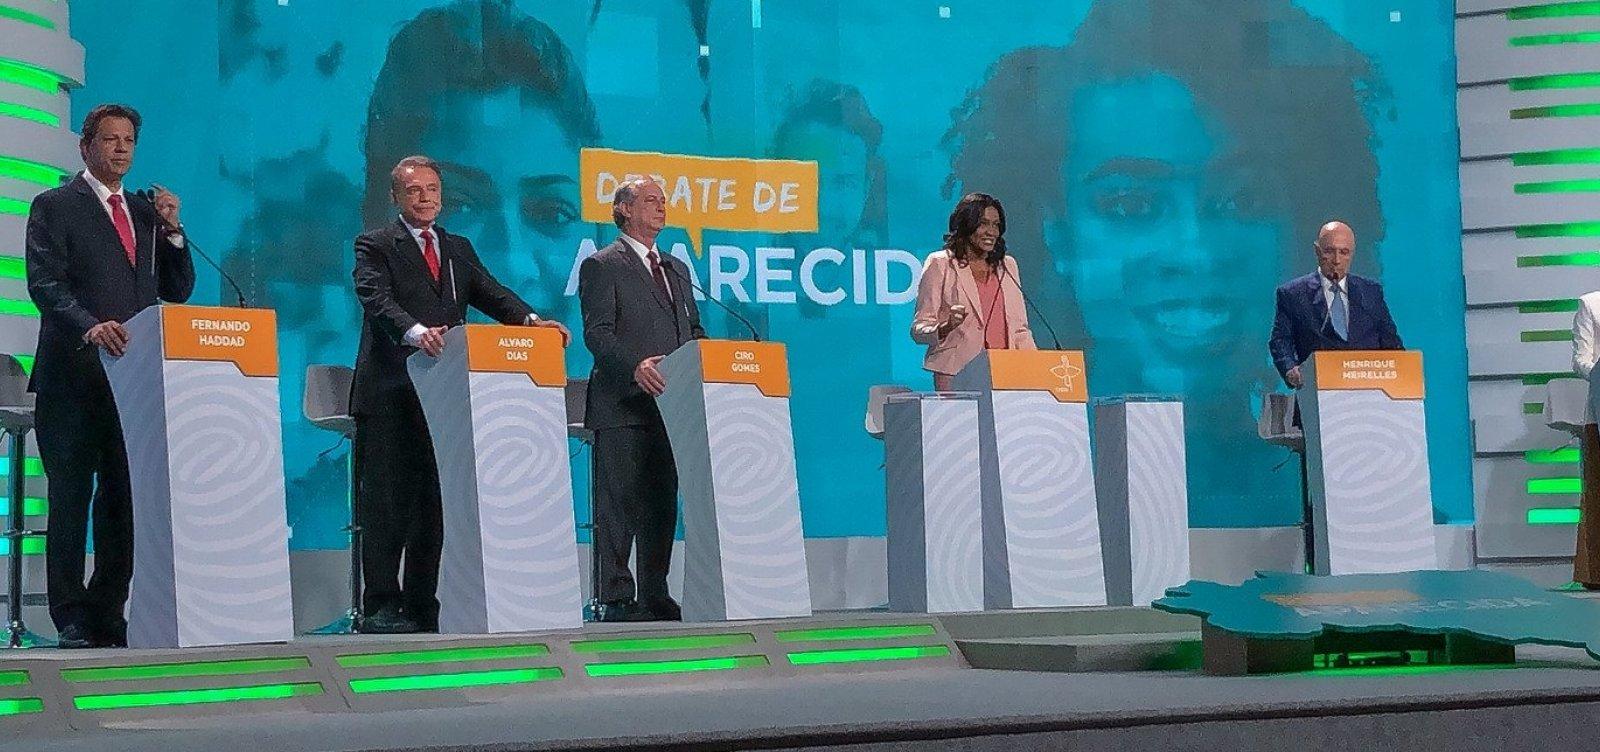 Presidenciáveis participam hoje do último debate antes do 1º turno